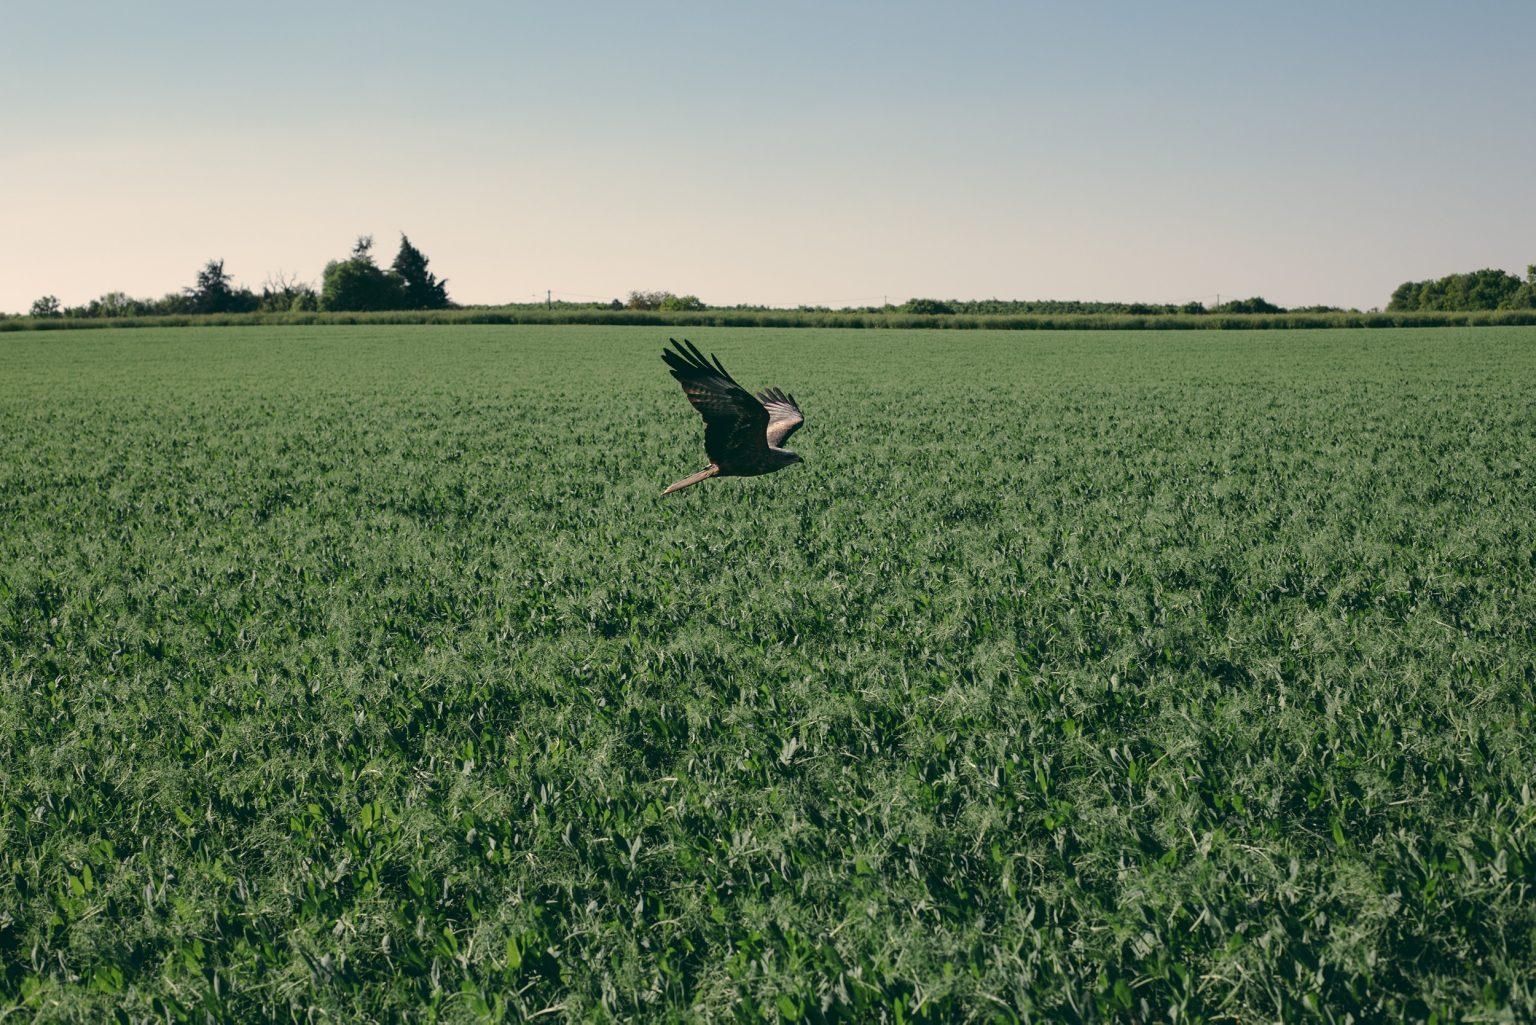 Bonneuil-Matours, France, May 2017 - La Maison Neuve. The black kite Elypse flies below the horizon line in the countryside around Tristan's former home. ><  La Maison Neuve, Francia, maggio 2017 -  Il nibbio nero Elypse vola sotto la linea dell'orizzonte nella campagna intorno alla vecchia casa di Tristan.*** SPECIAL   FEE   APPLIES *** *** Local Caption *** 01489303